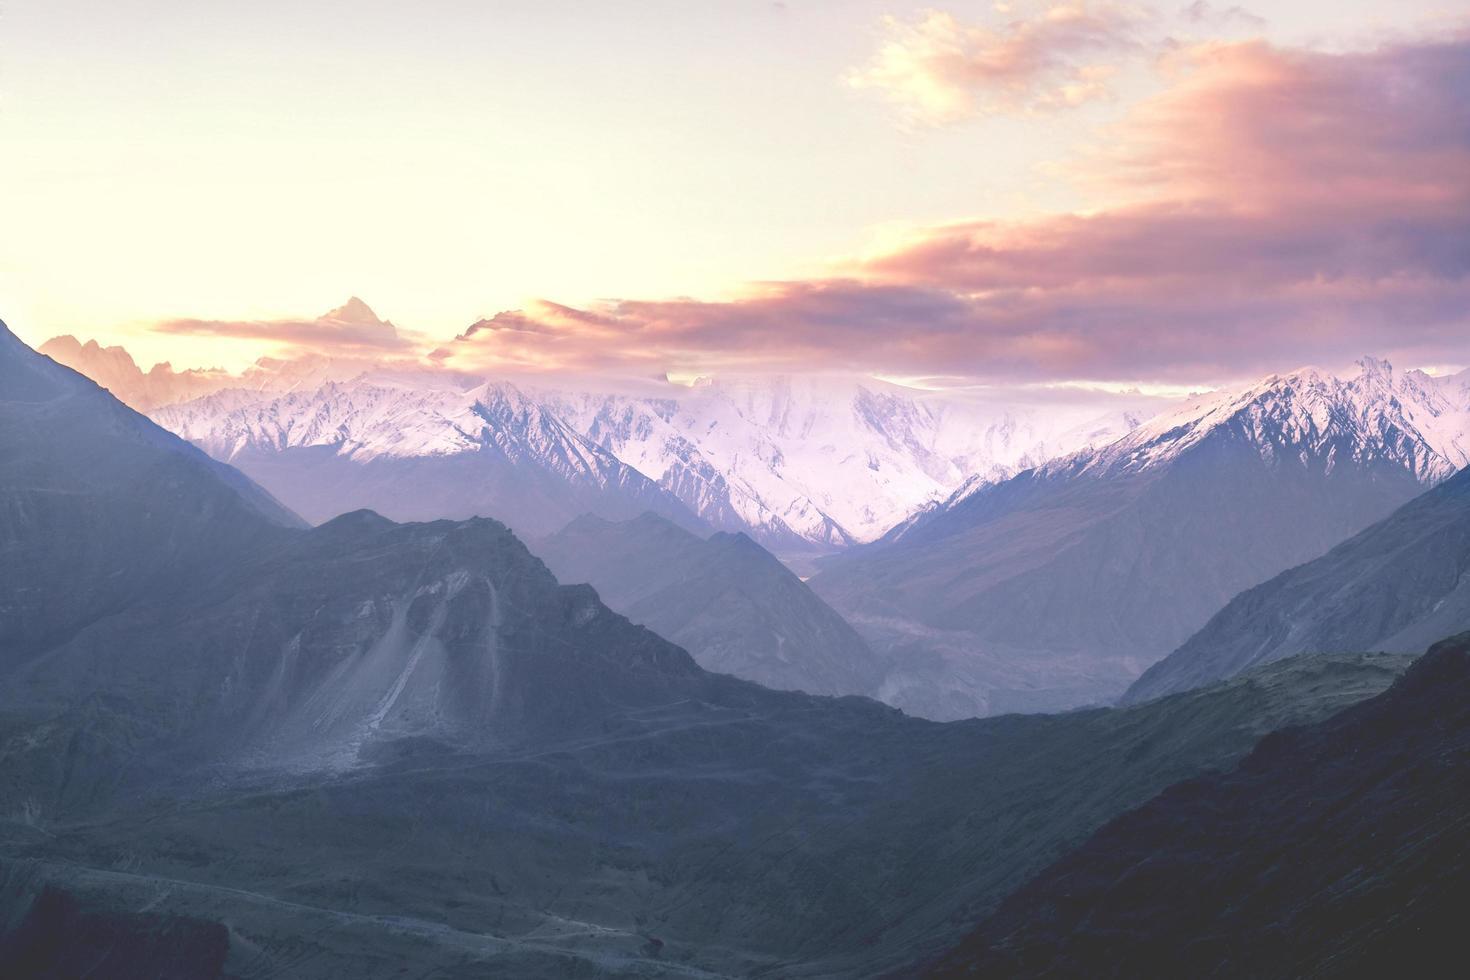 Lever du soleil sur la chaîne de montagnes du Karakoram enneigées photo